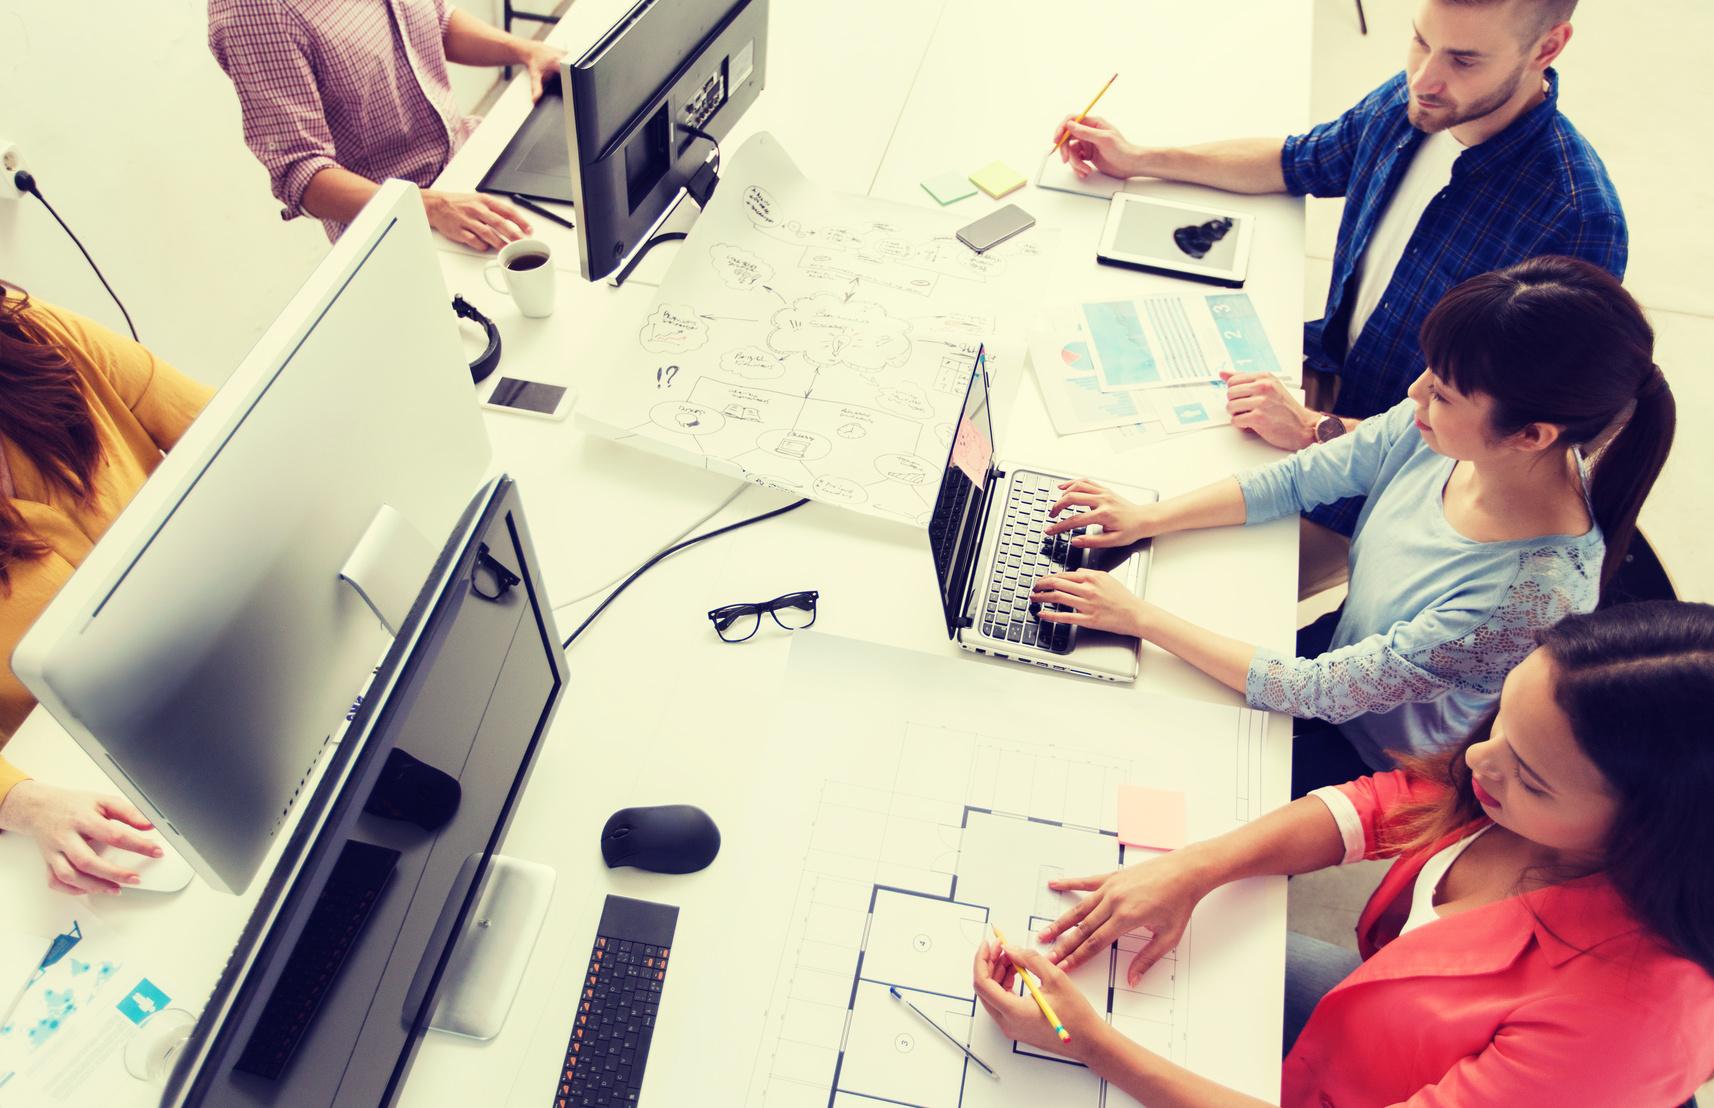 Betriebliche Gesundheit und Arbeit 4.0